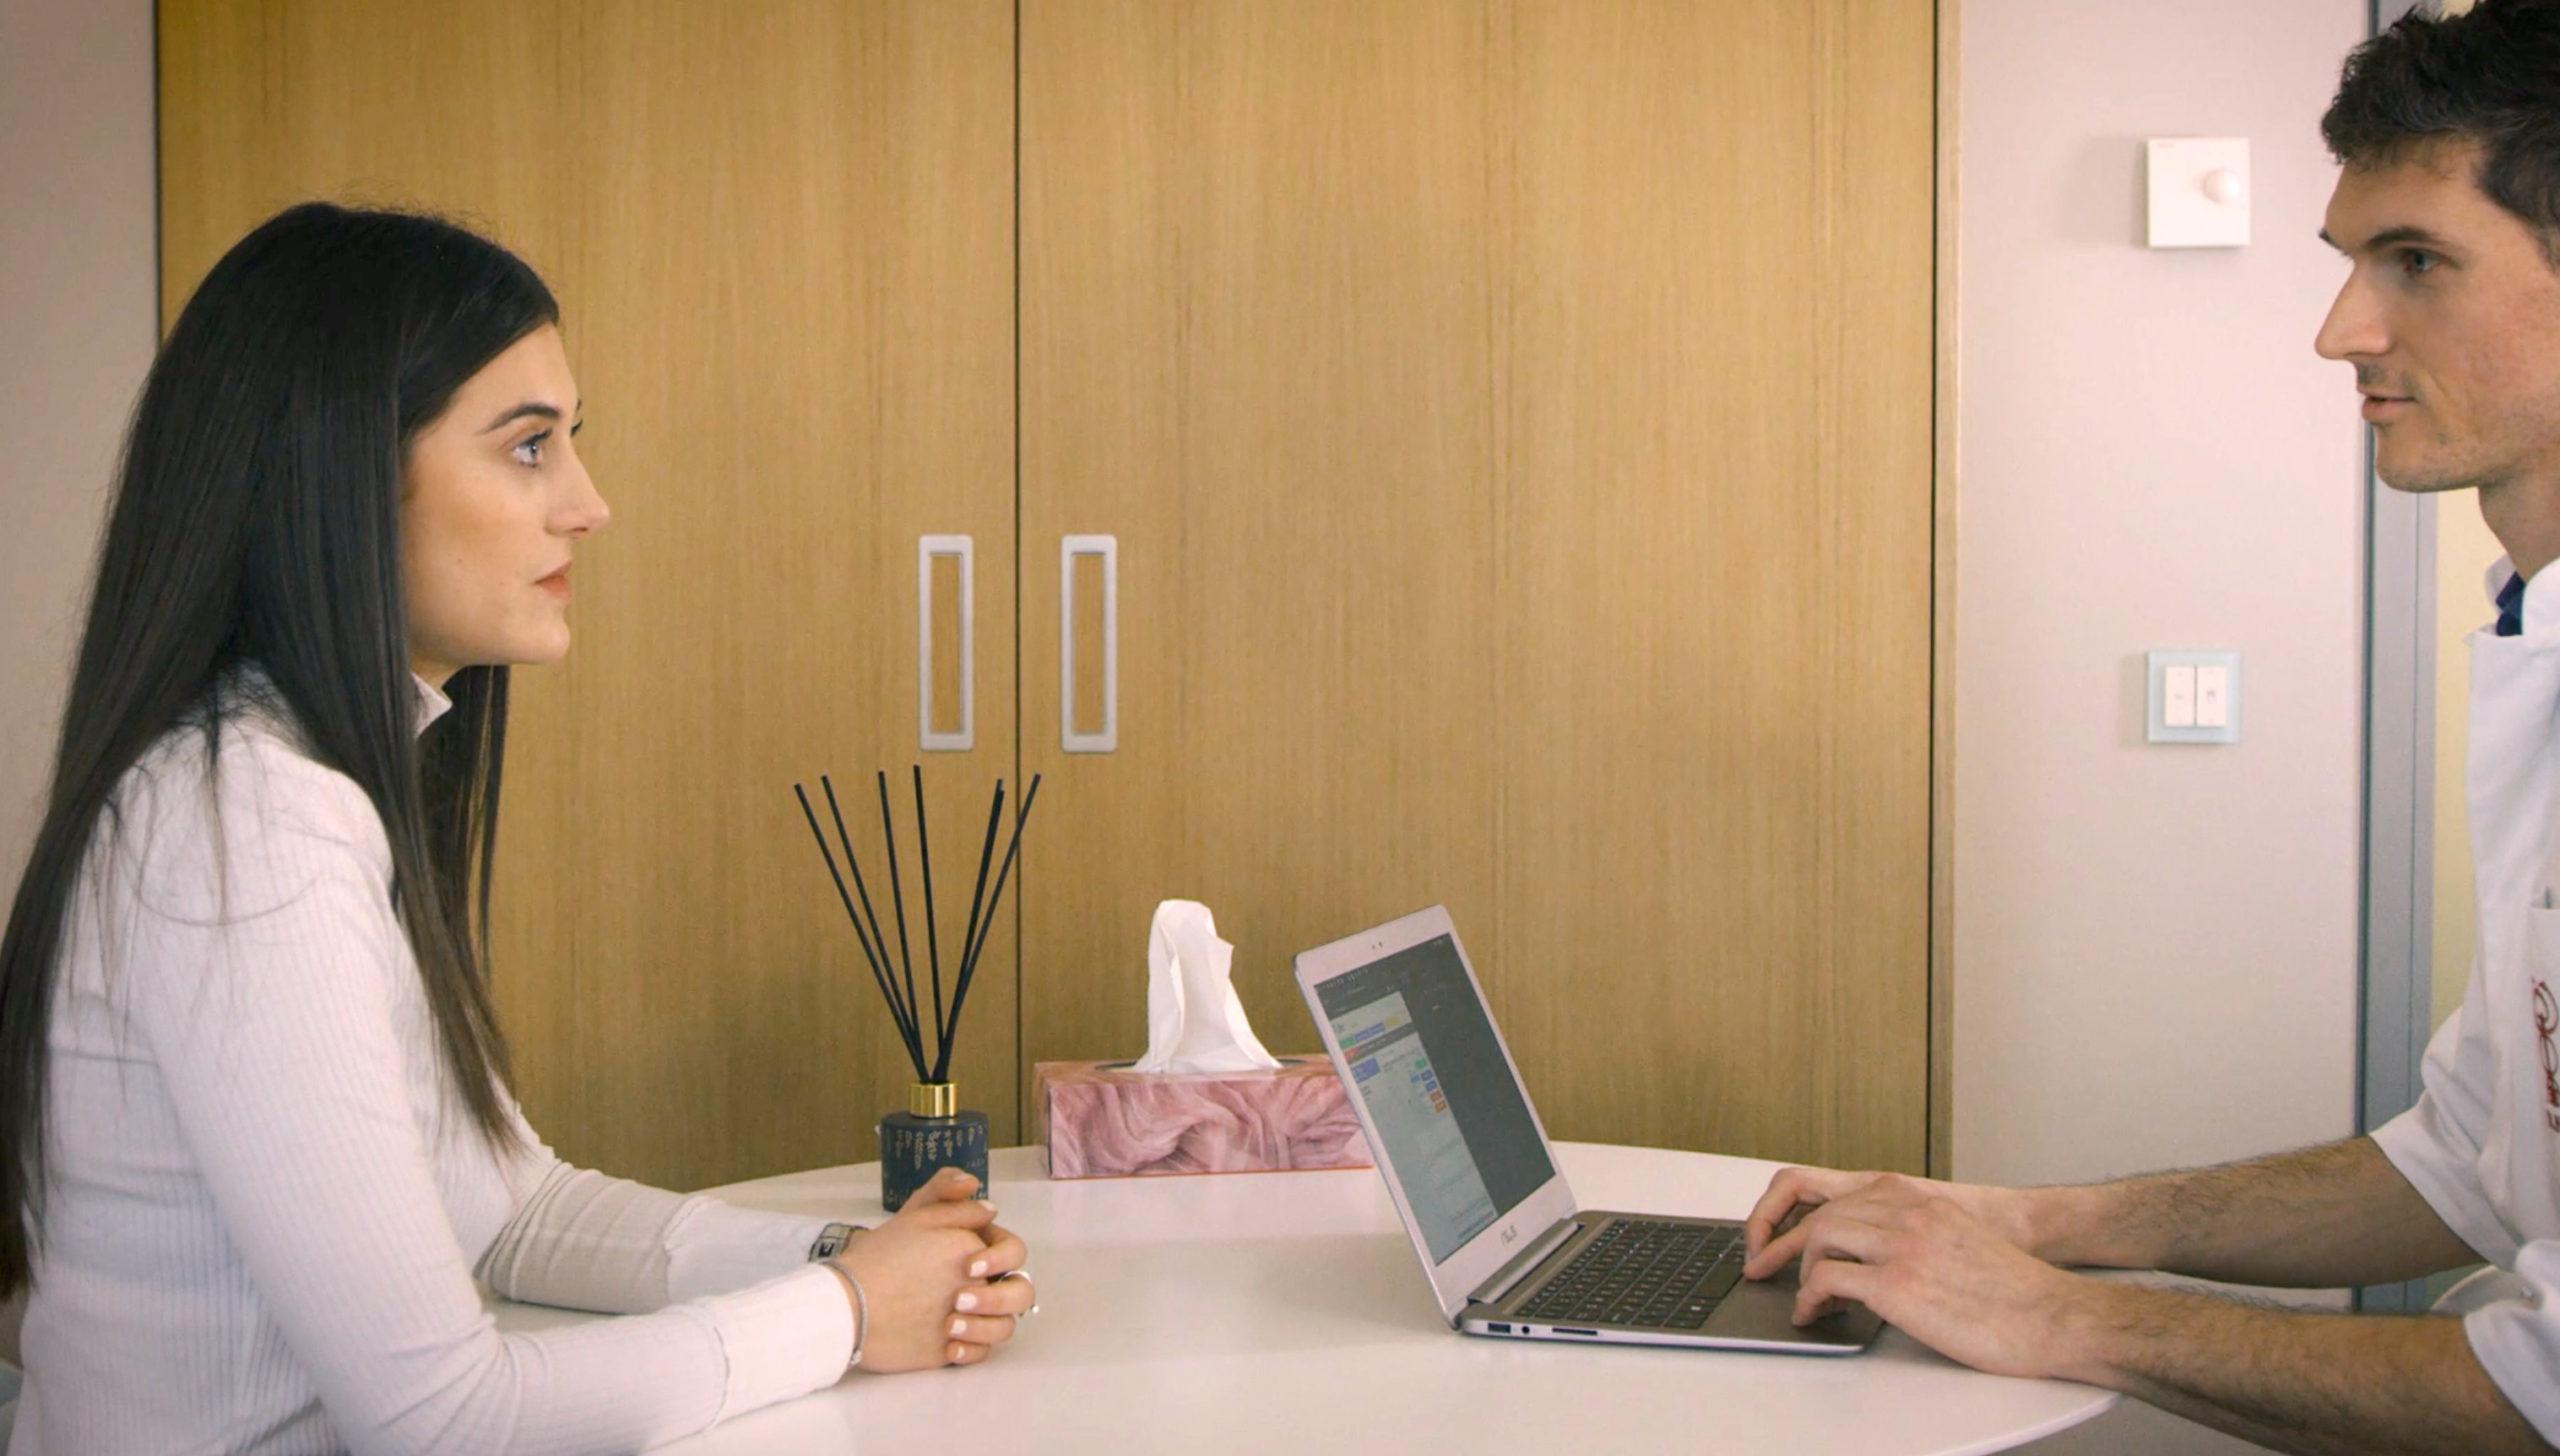 l'étiopathe écoute pendant la séance d'étiopathie à Genève ou Plan-les-Ouates